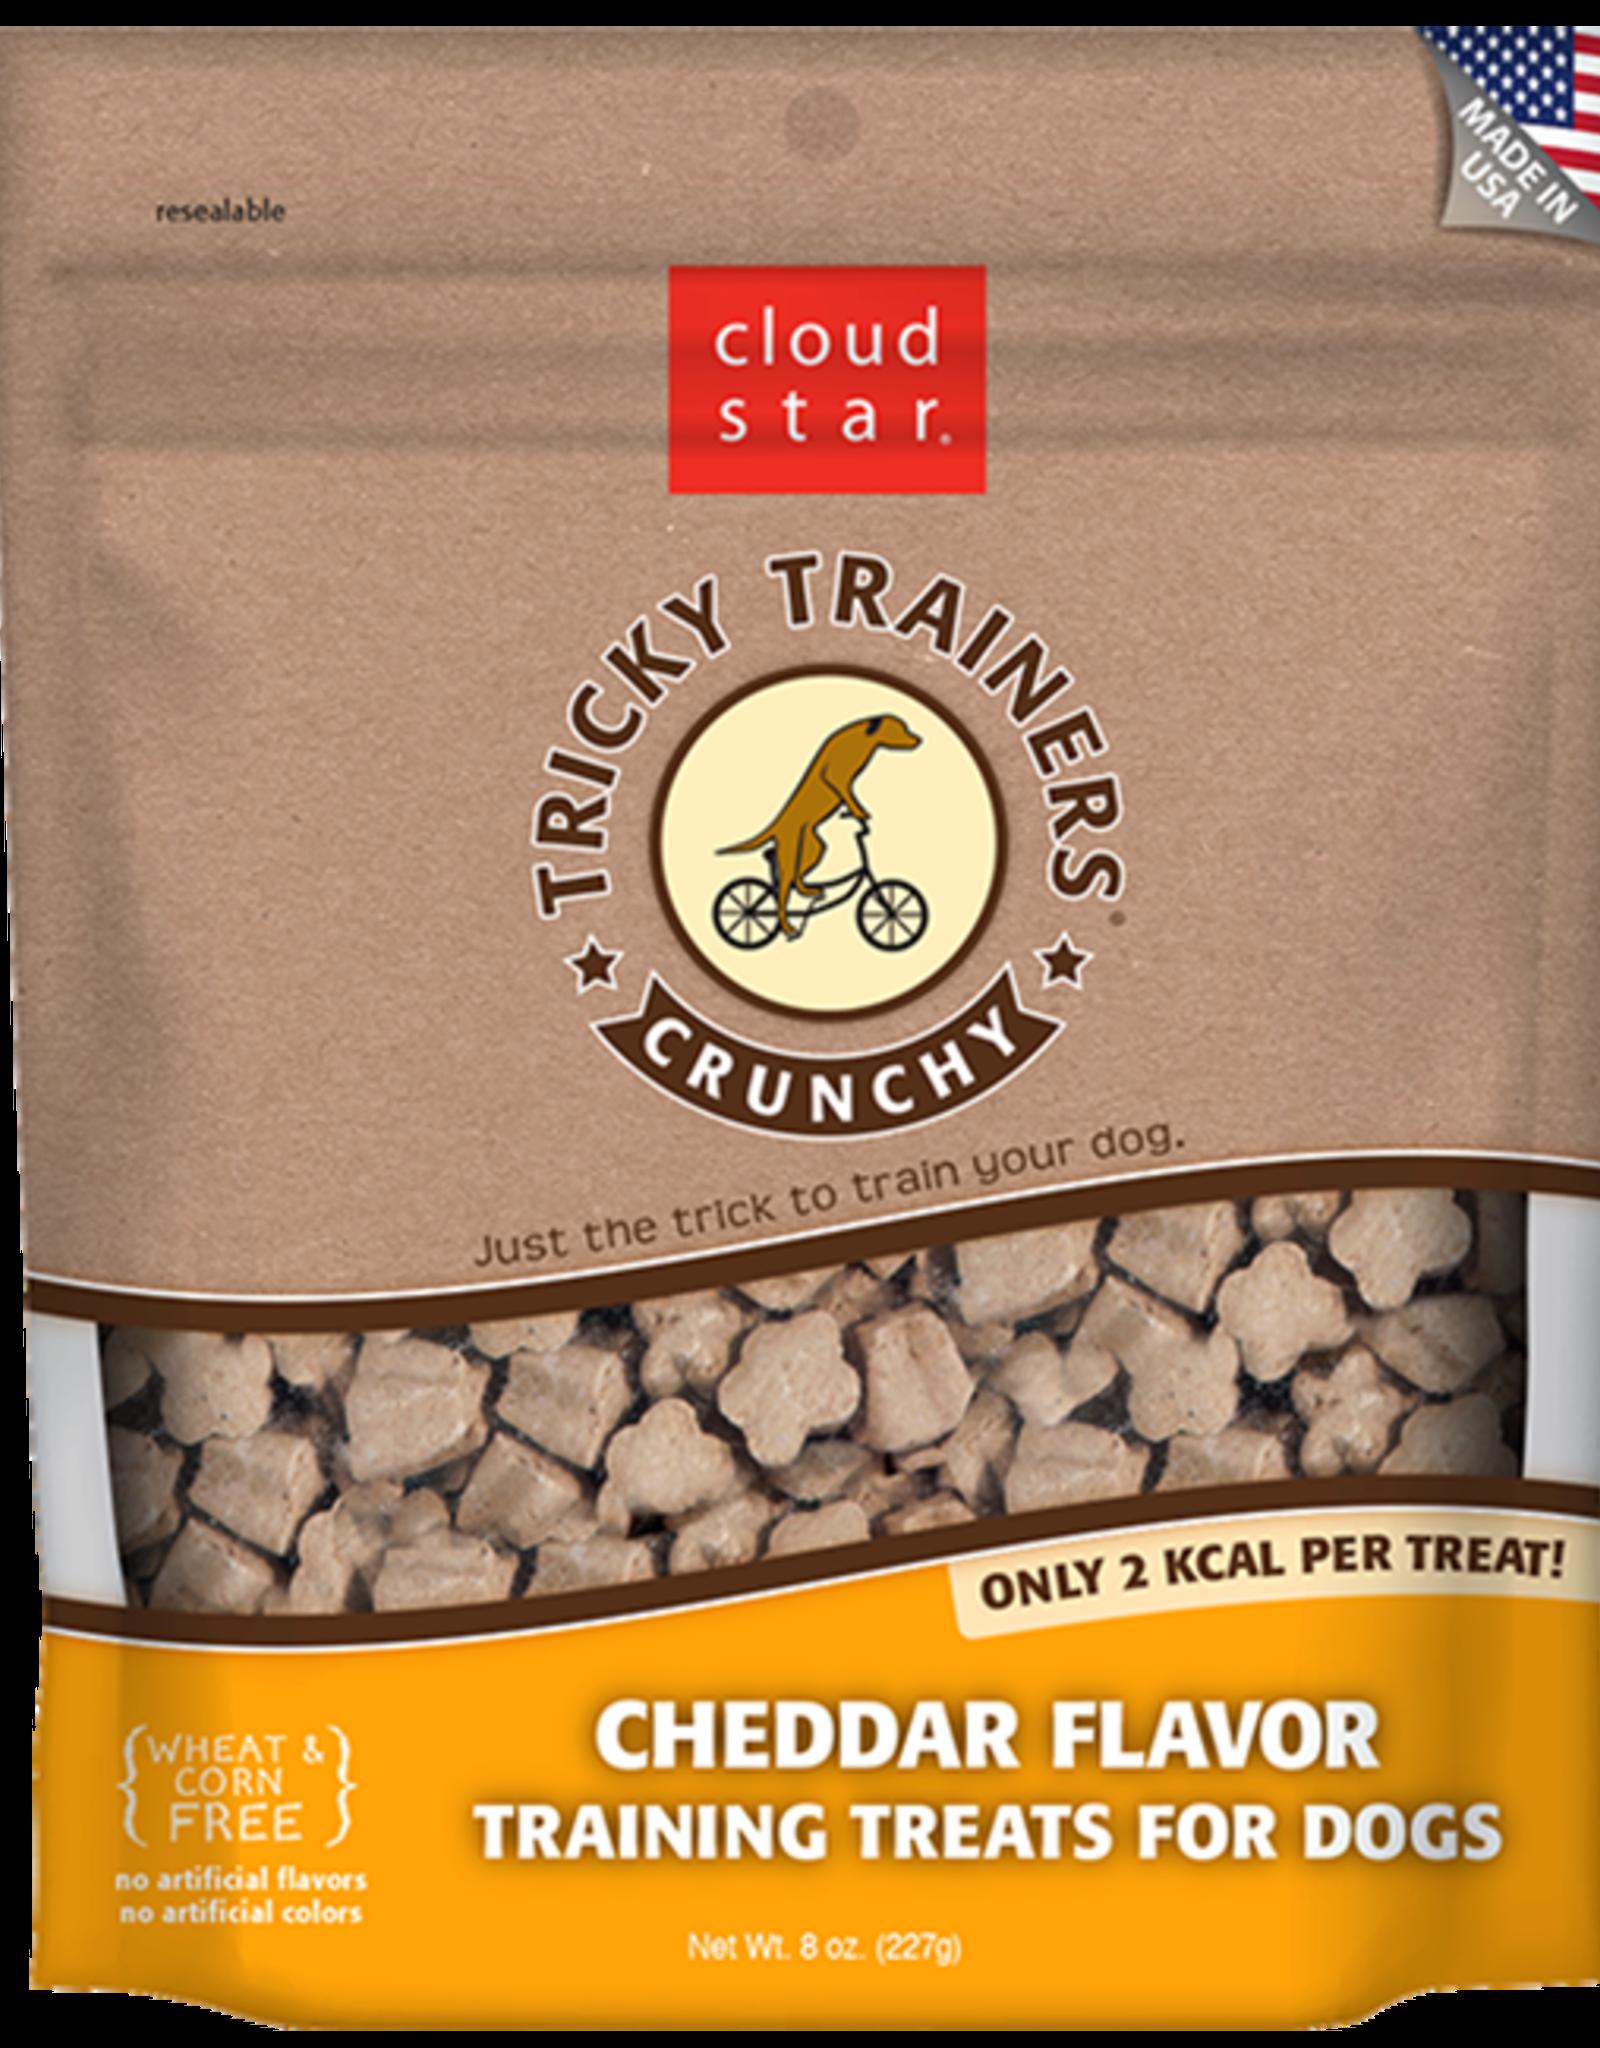 Cloud Star Tricky Trainer Crunchy Cheddar - 8oz